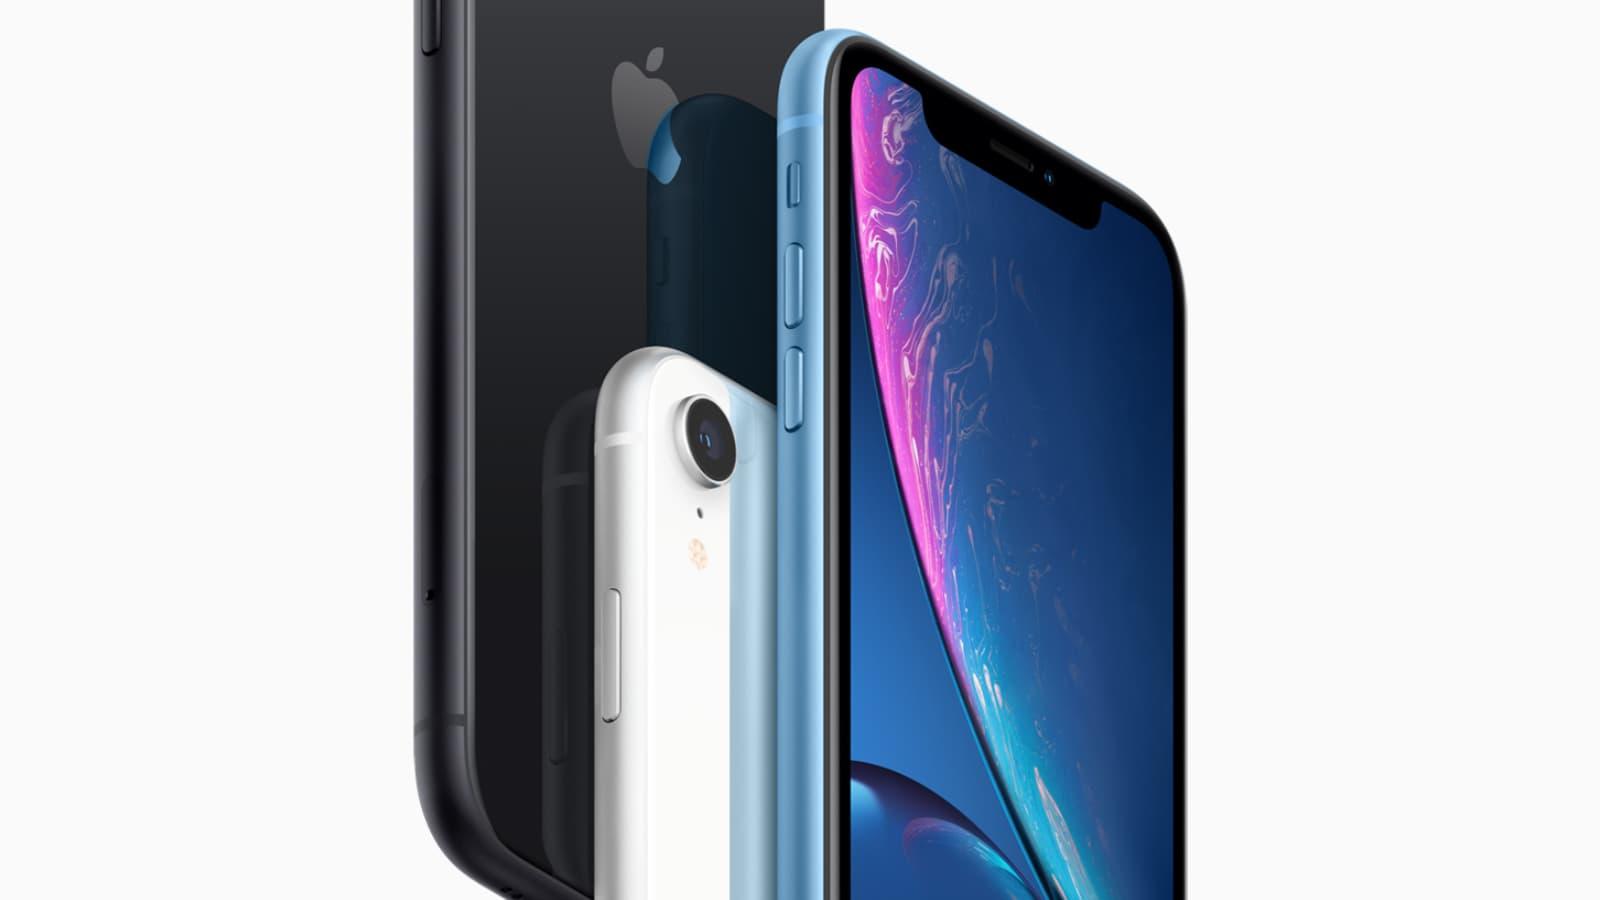 L'iPhone XR au meilleur prix du marché chez SFR